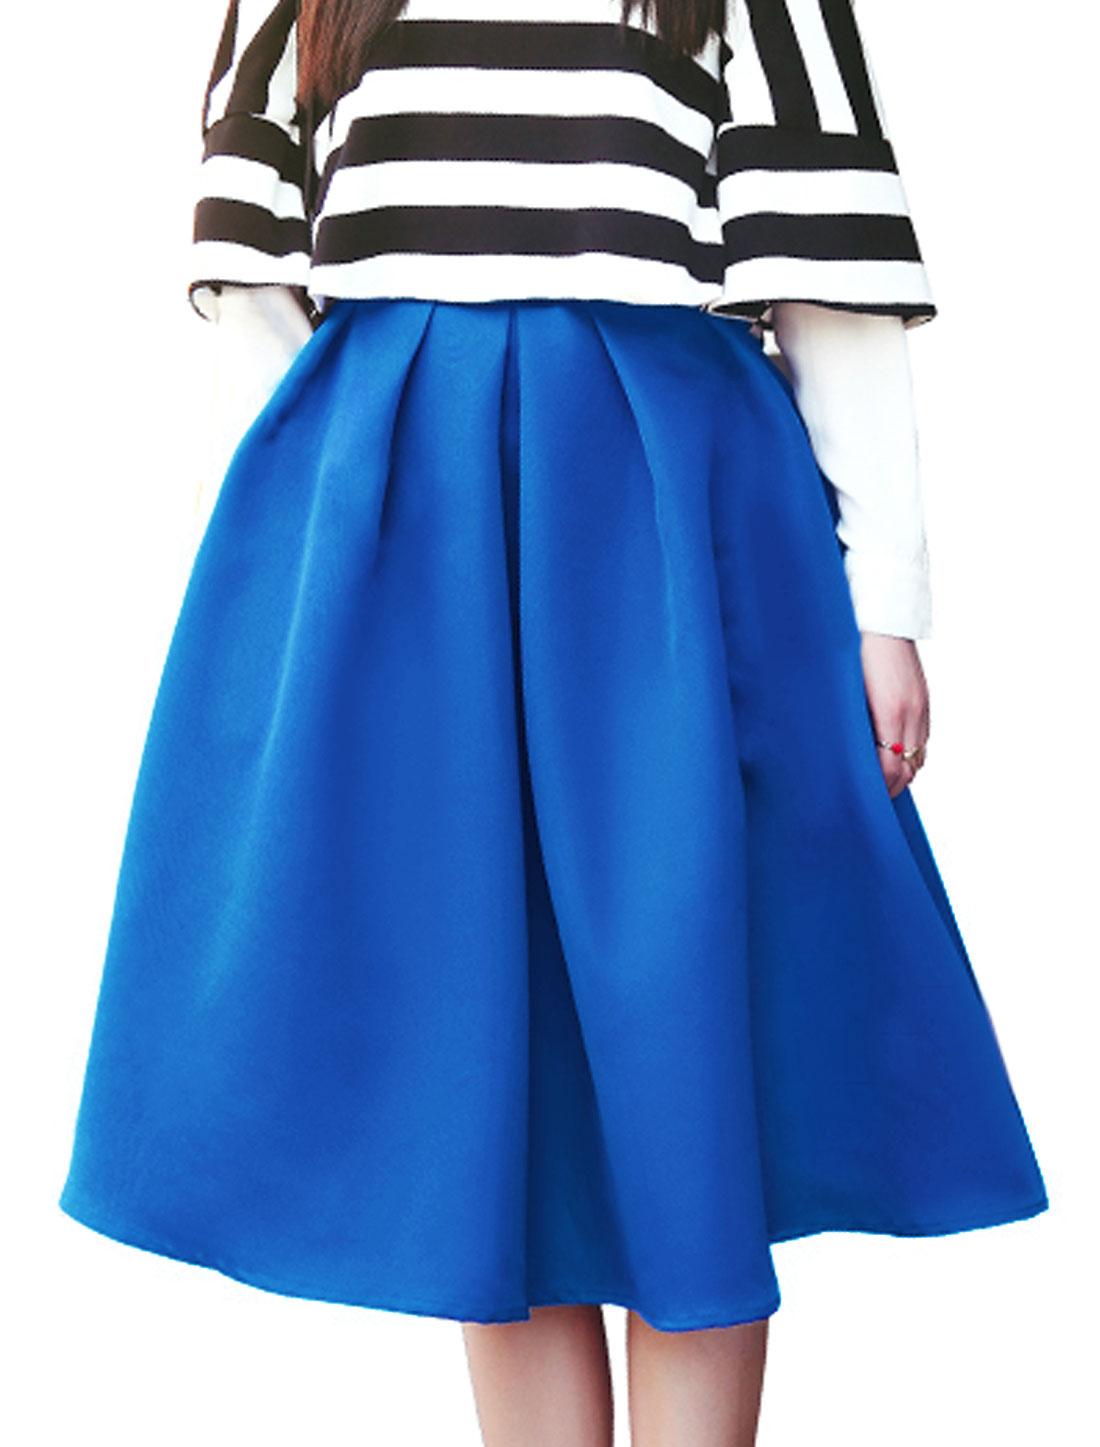 Half Lined Round Hem Stylish Royal Blue Full Skirt for Women S